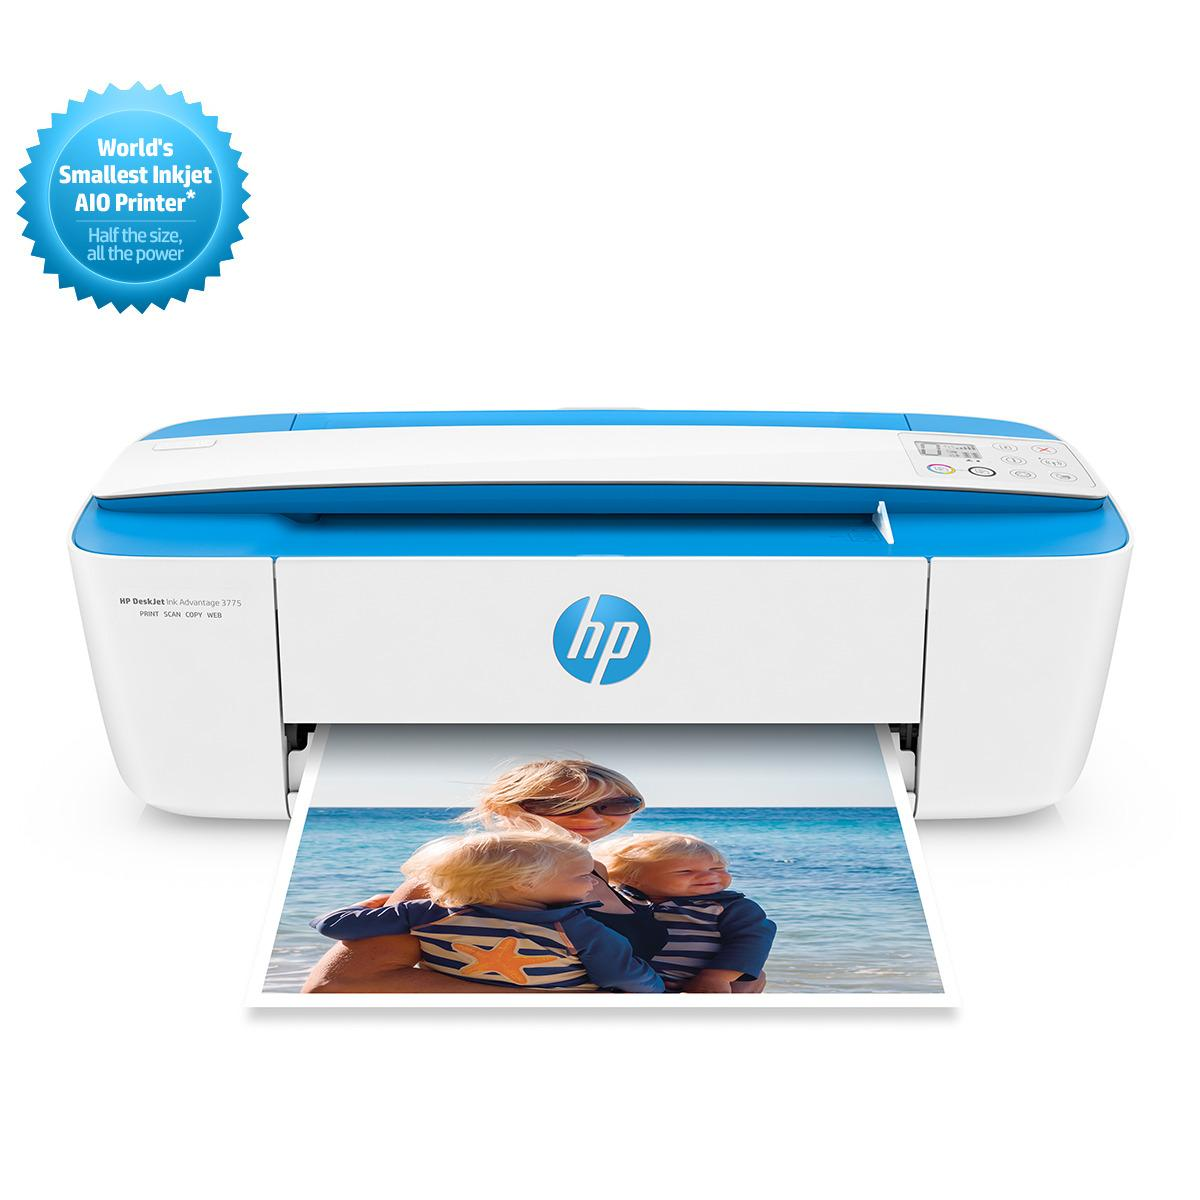 HP DeskJet Ink Advantage 3775 All-in-One Printer (Wireless) RESMI